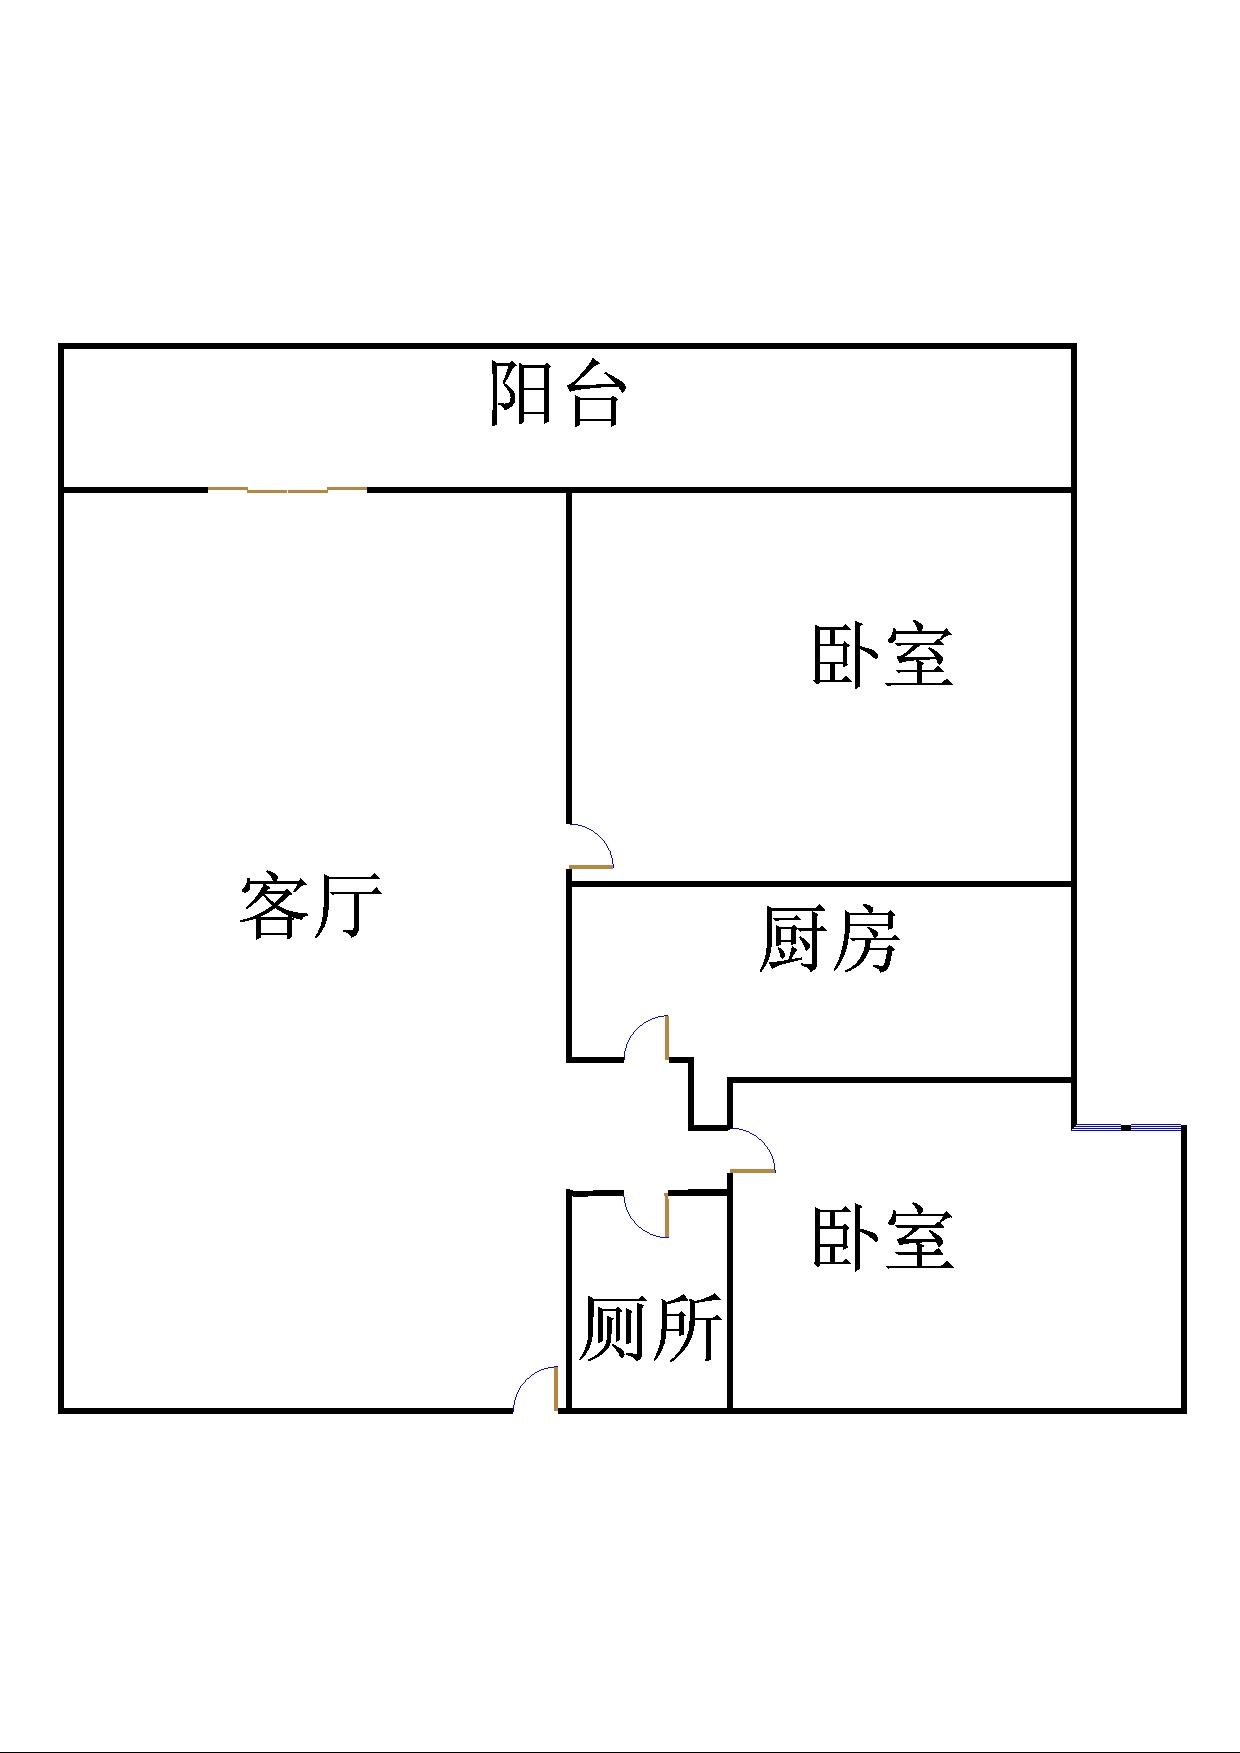 南苑花城 2室2厅  简装 89万